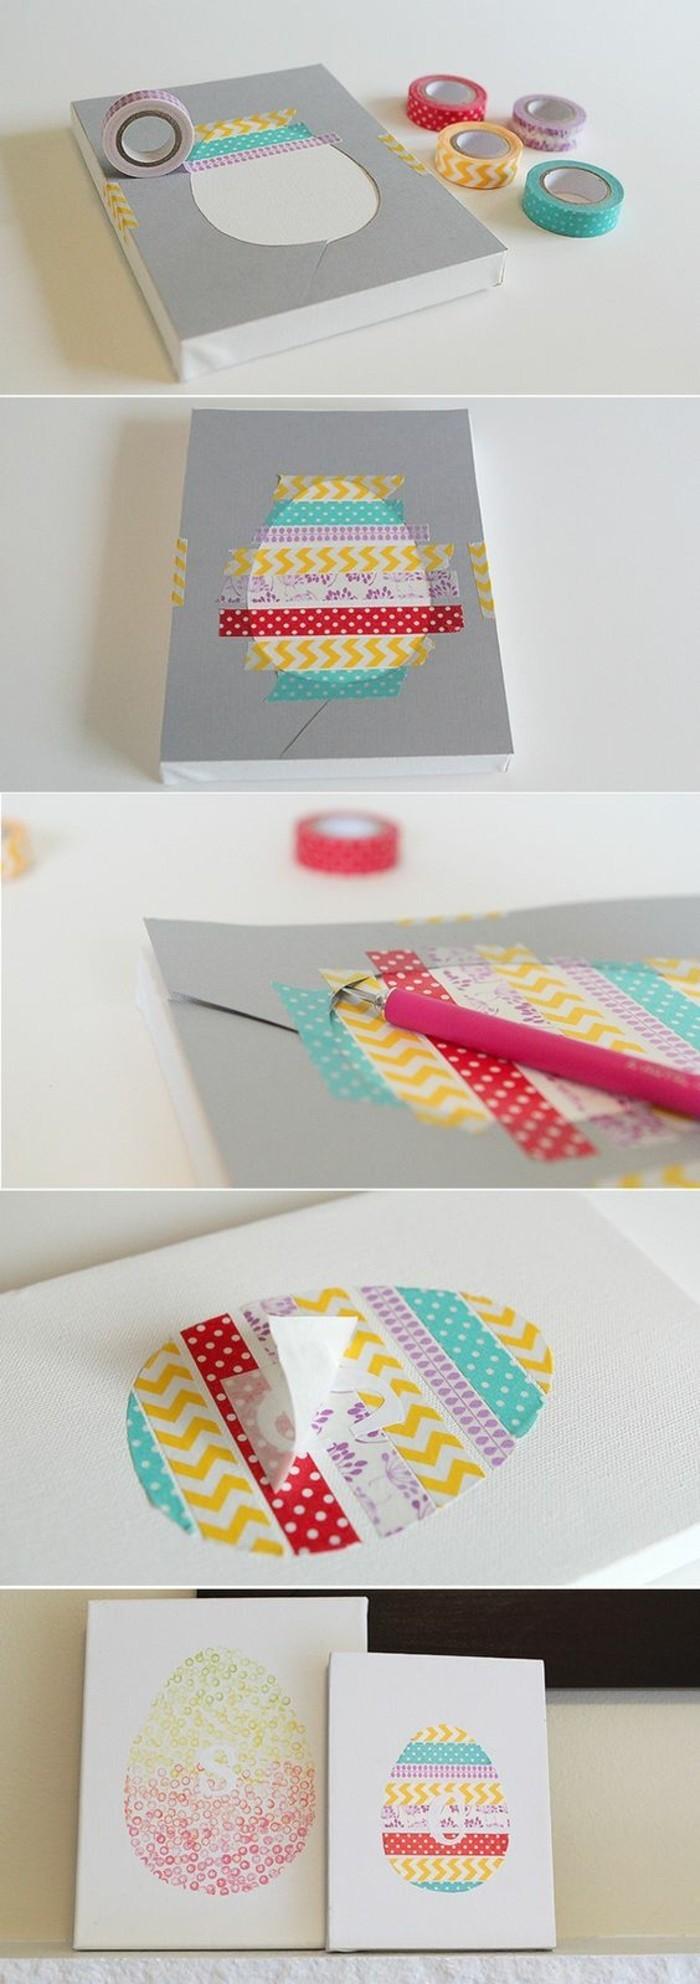 deco-masking-tape-pour-la-fete-de-paques-des-oeufs-constitues-de-bandes-de-ruban-adhesif